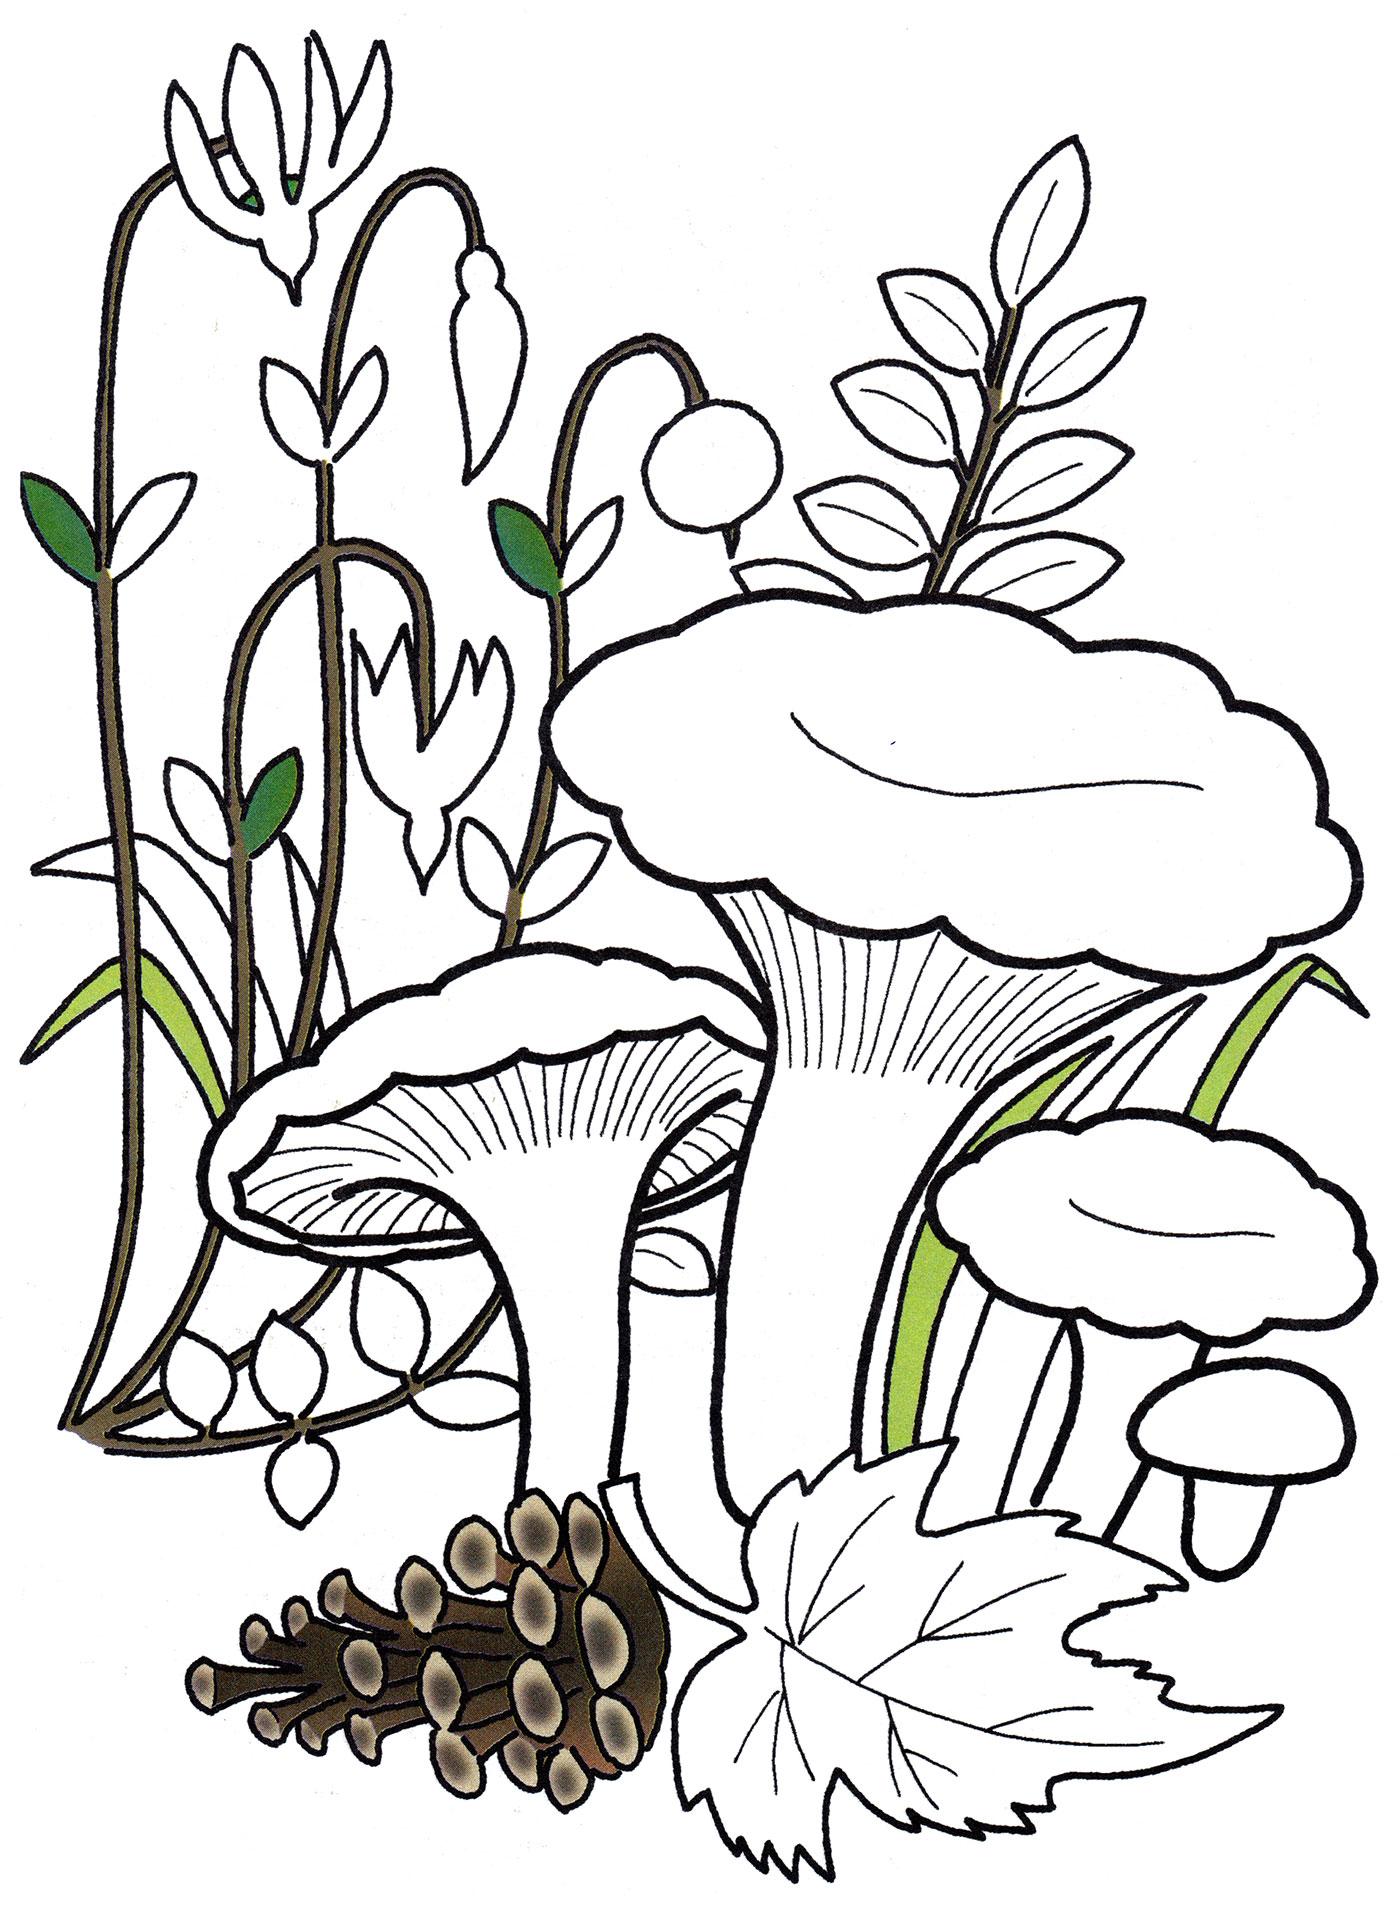 Раскраска Лисички в лесу - распечатать бесплатно